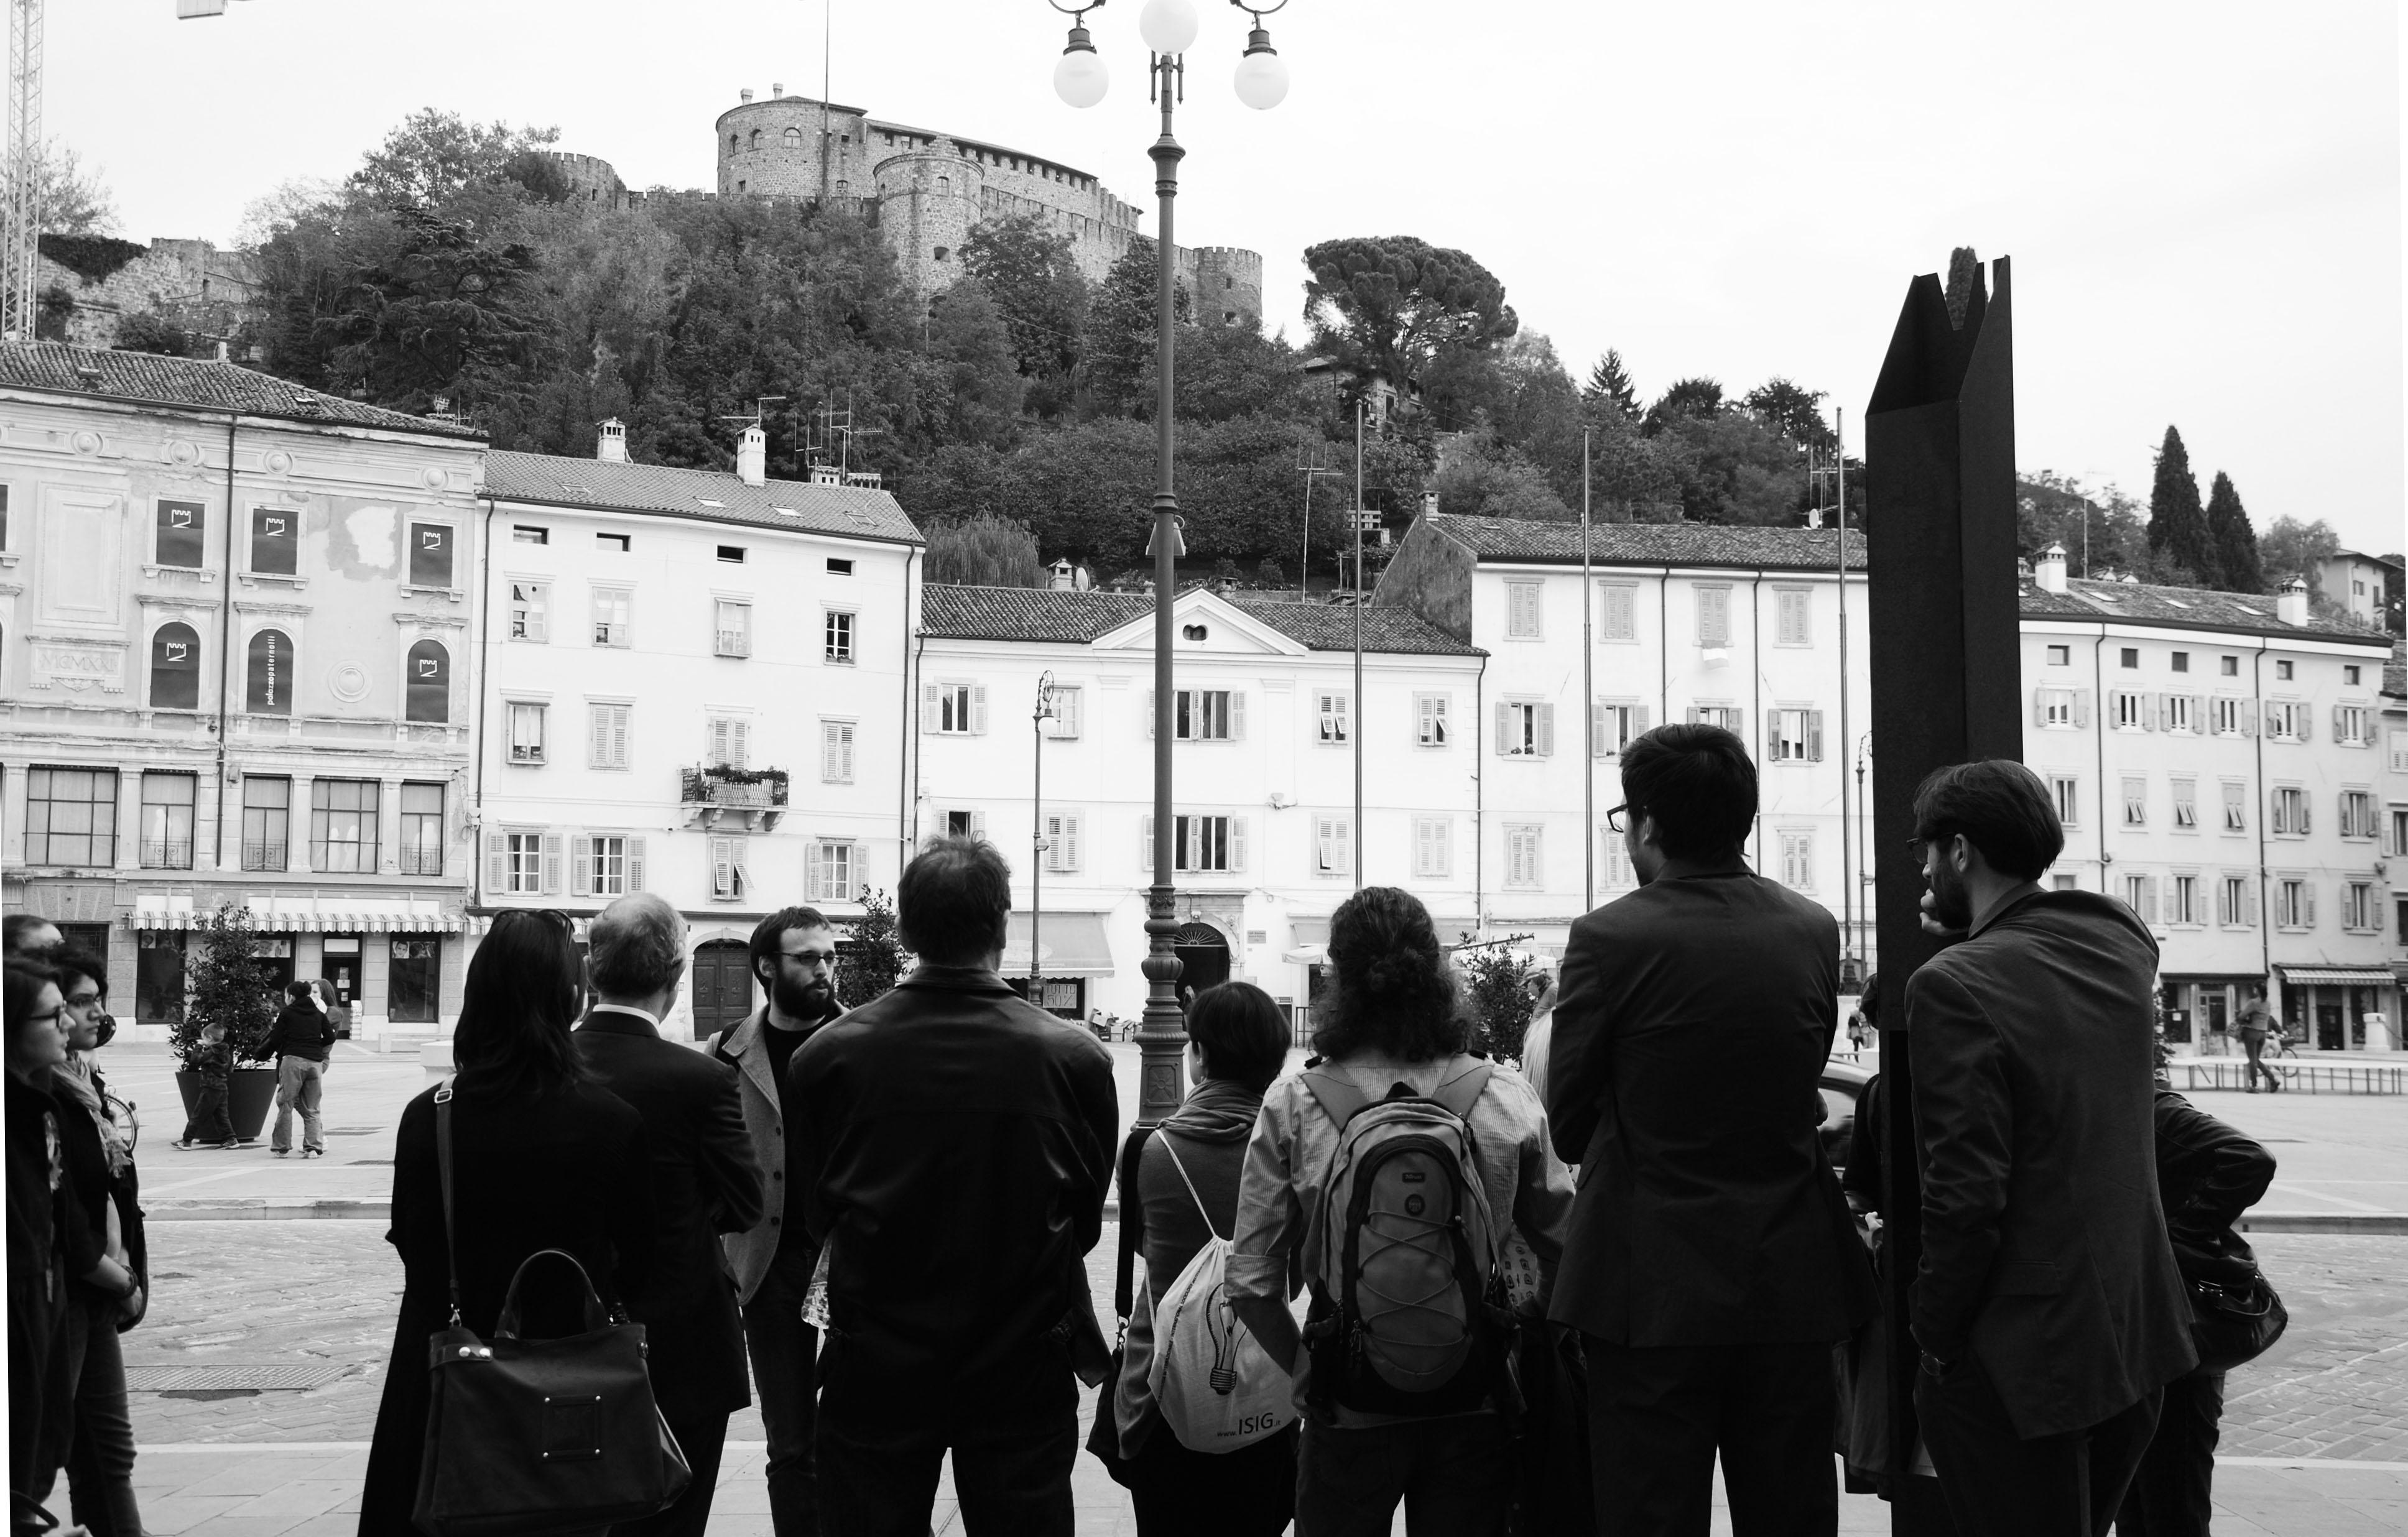 Visita guidata Topografie della memoria - Piazza Vittoria Gorizia 3